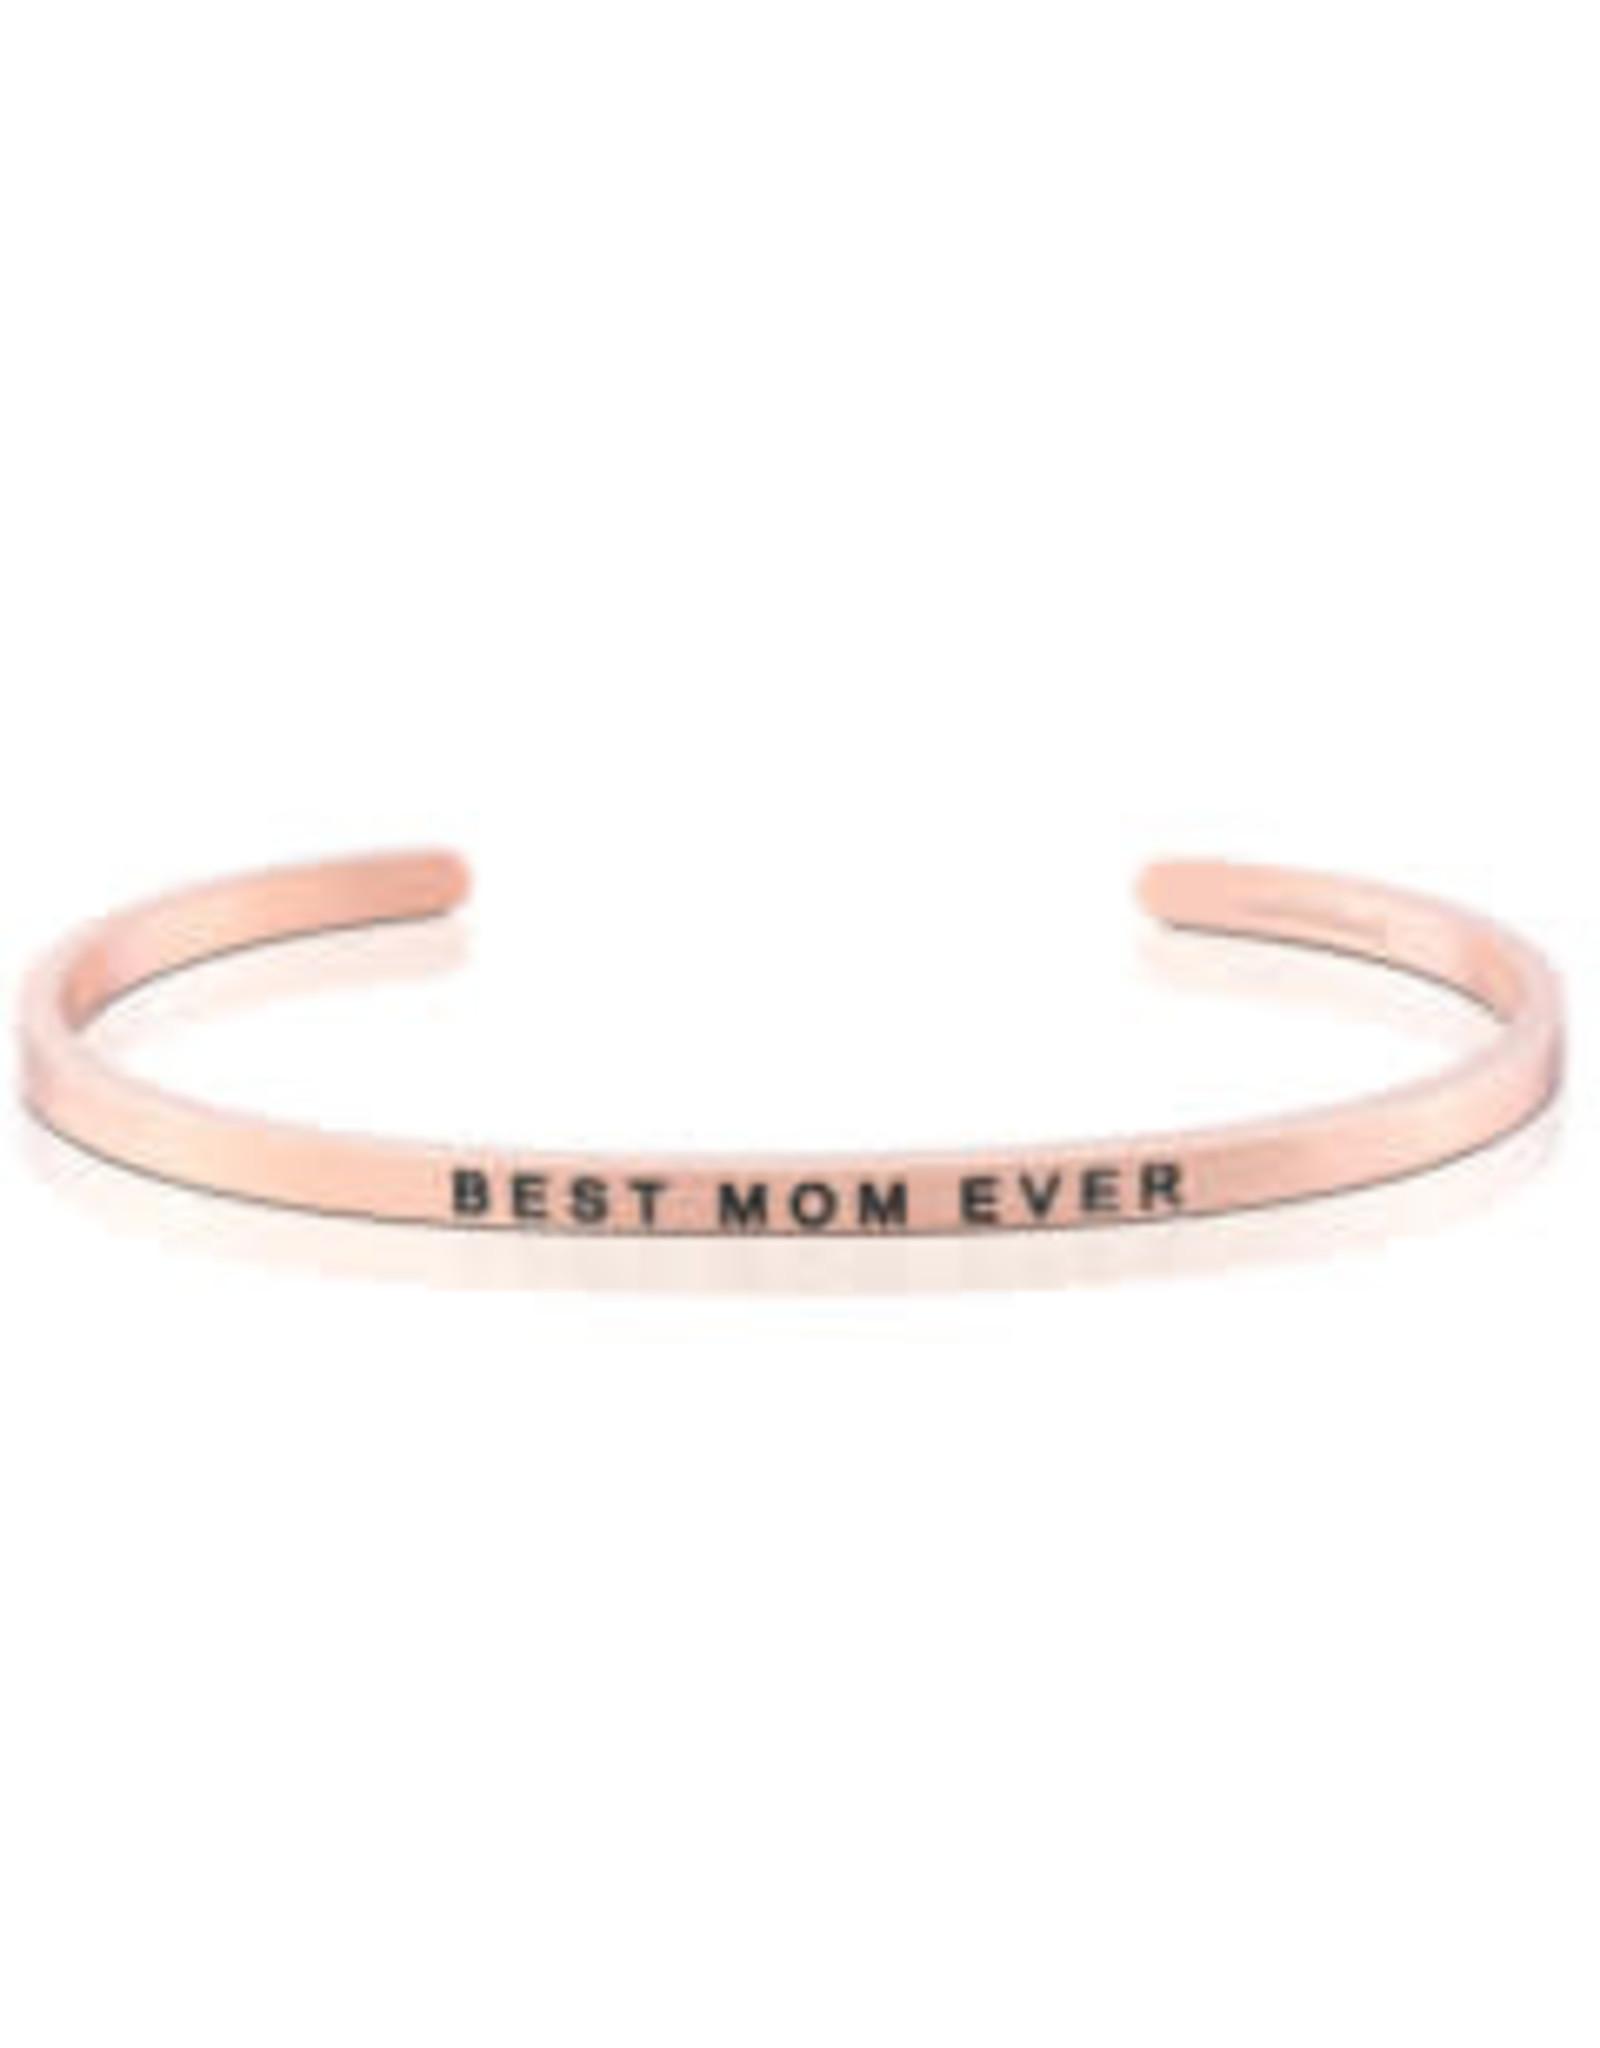 MantraBand MantraBand Bracelet, Best Mom Ever